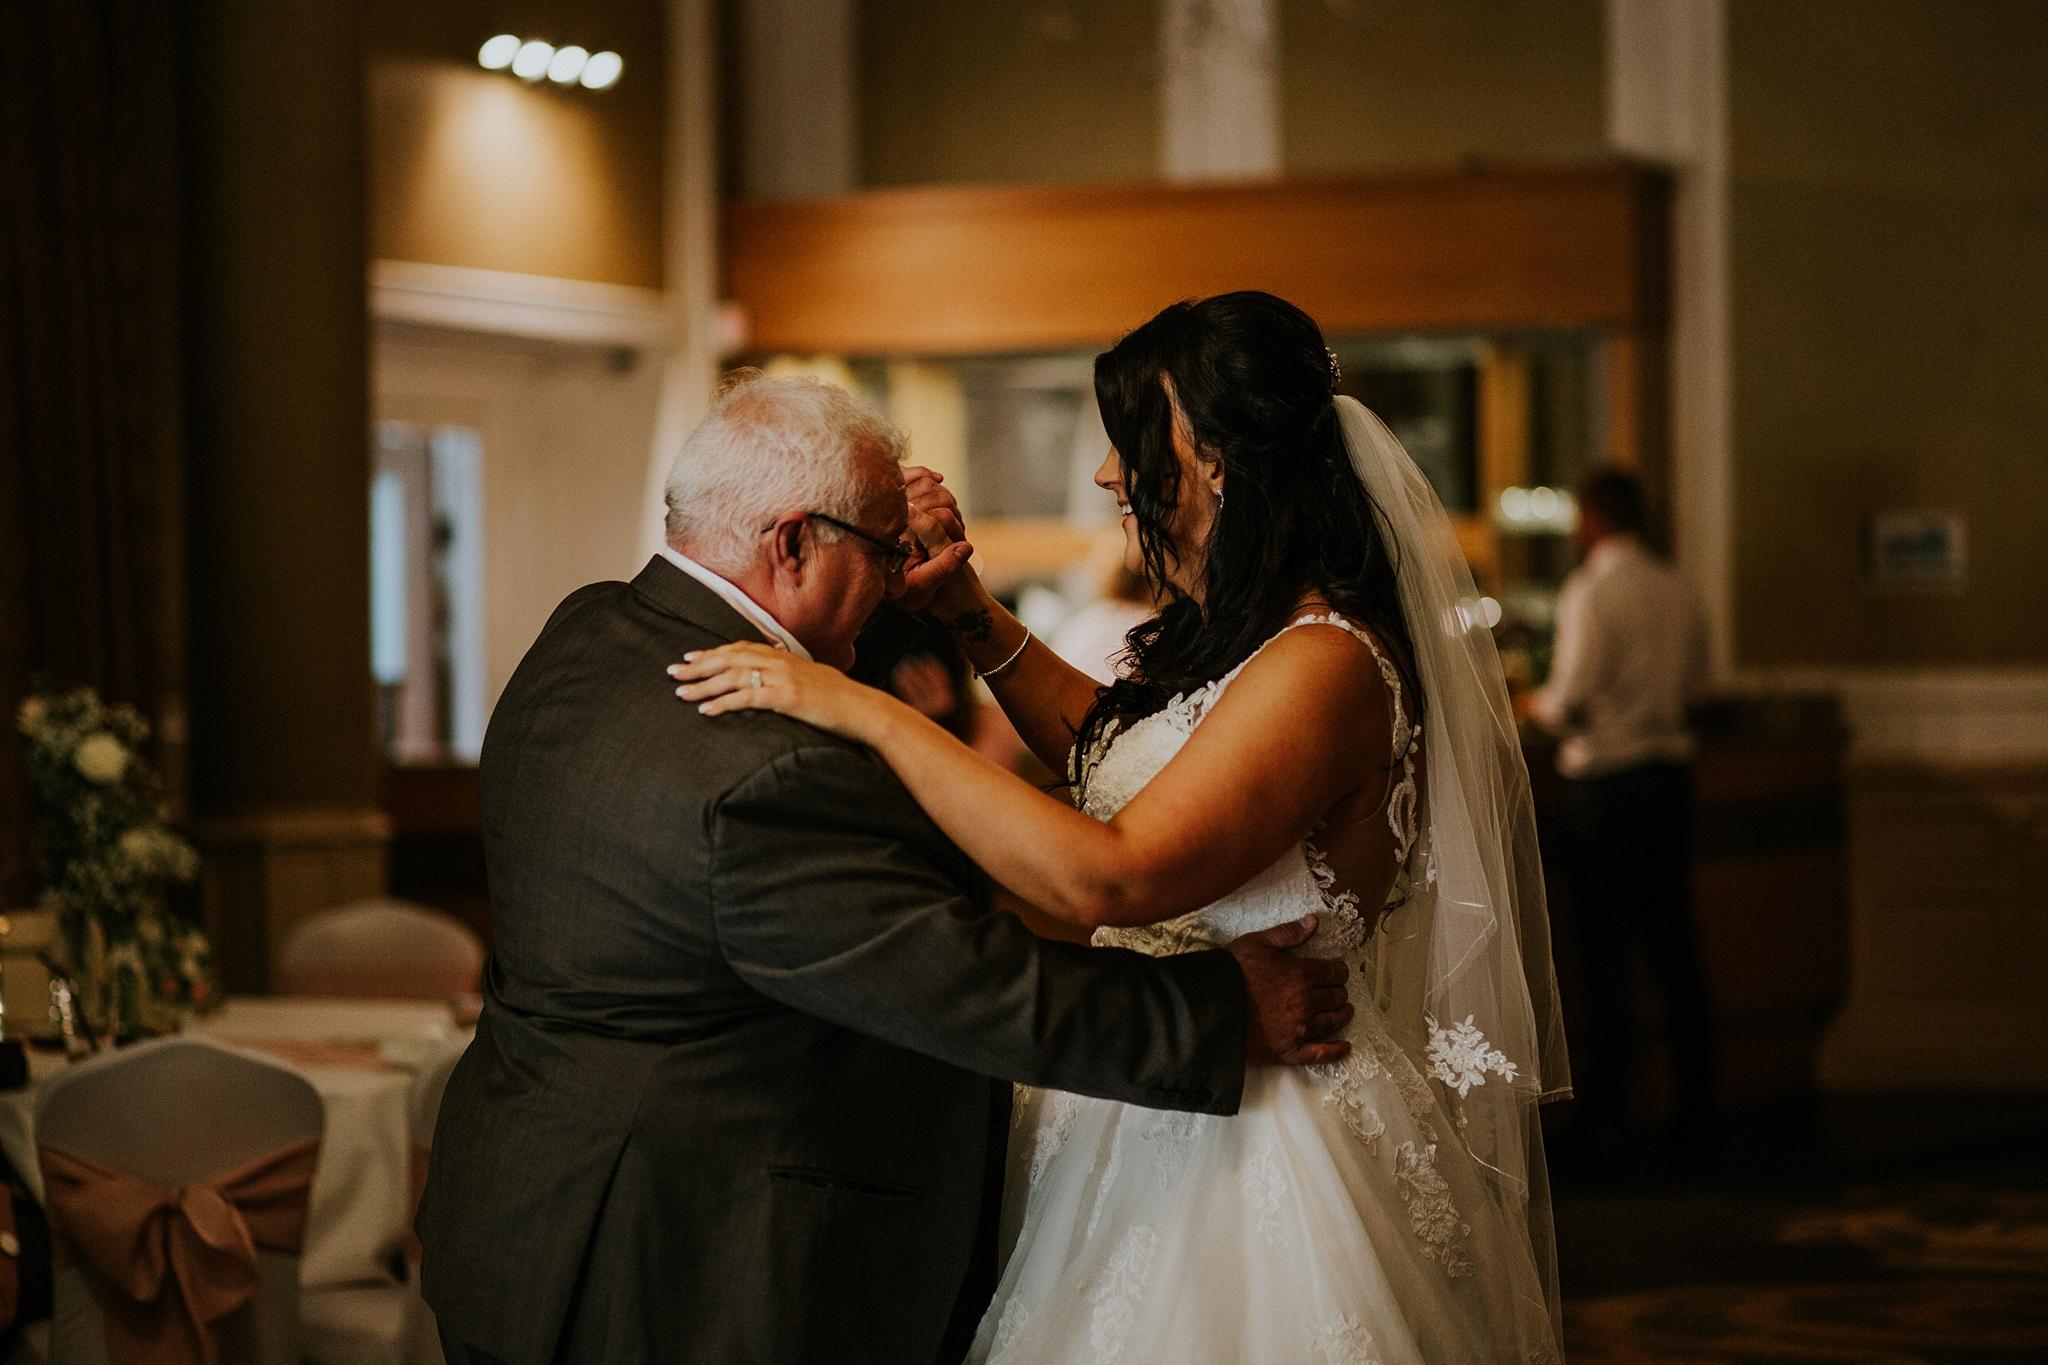 newcastle_upon_tyne_wedding_photographer-70.JPG